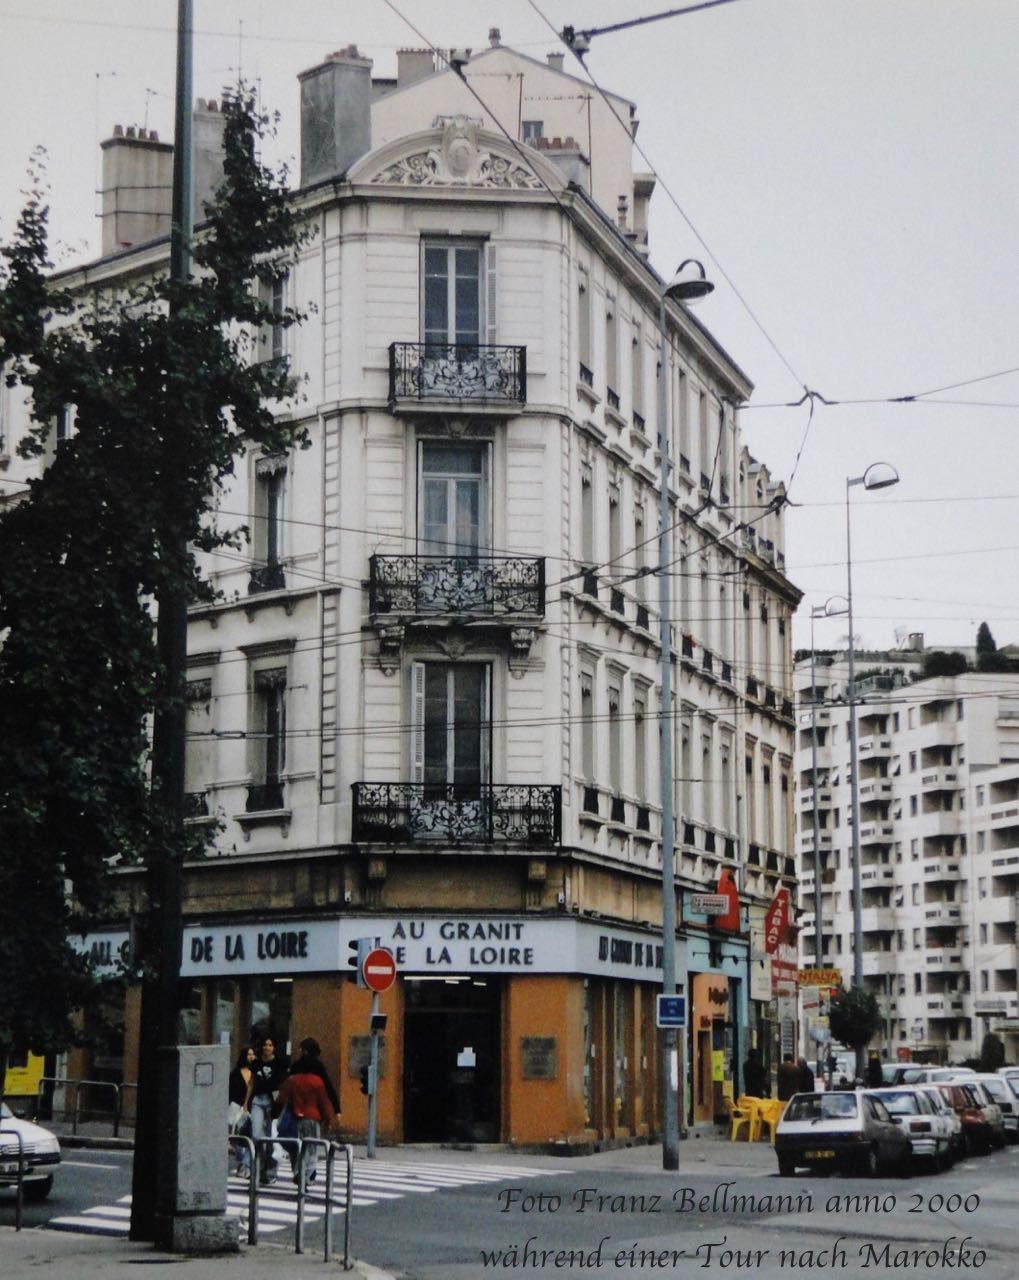 LE PUY-EN-VELAY (27./28.09.2000)